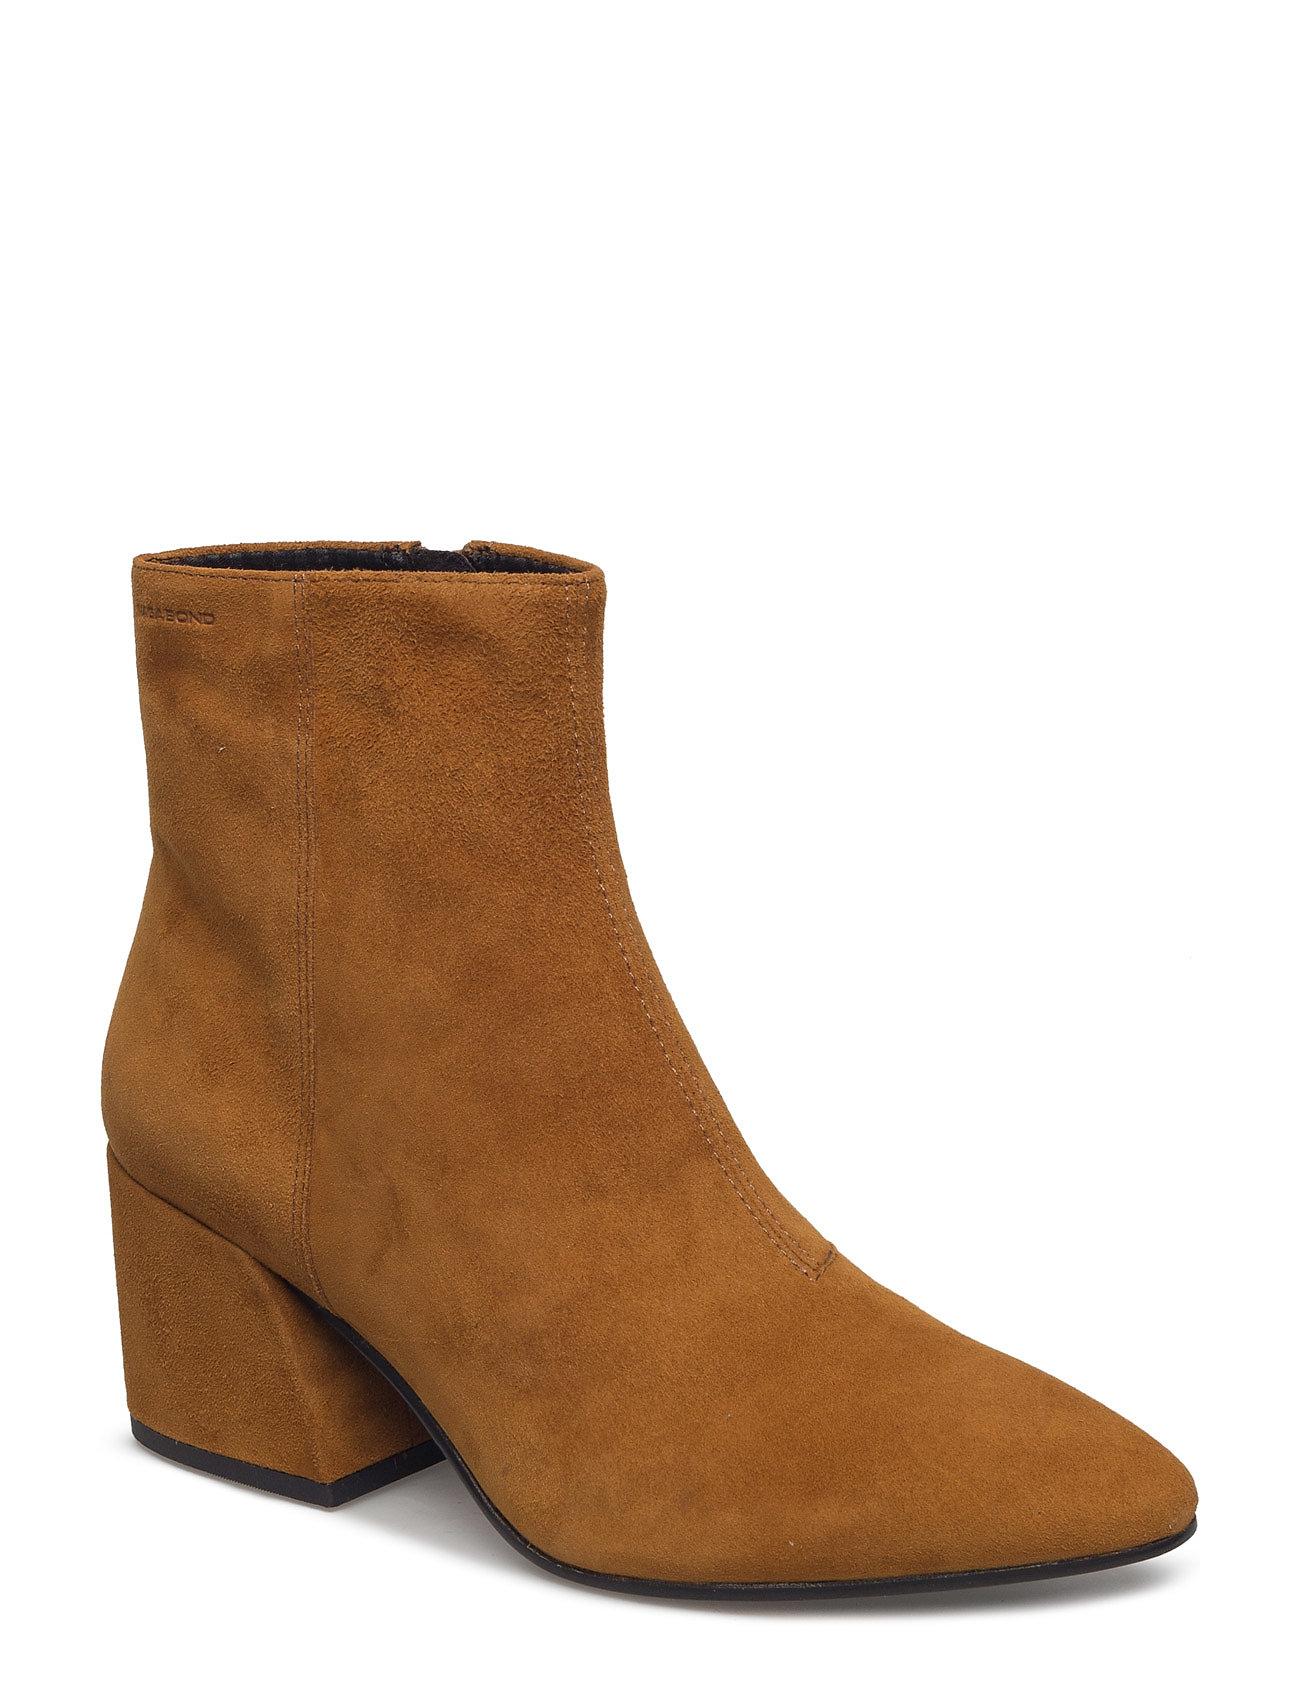 Olivia VAGABOND Støvler til Damer i